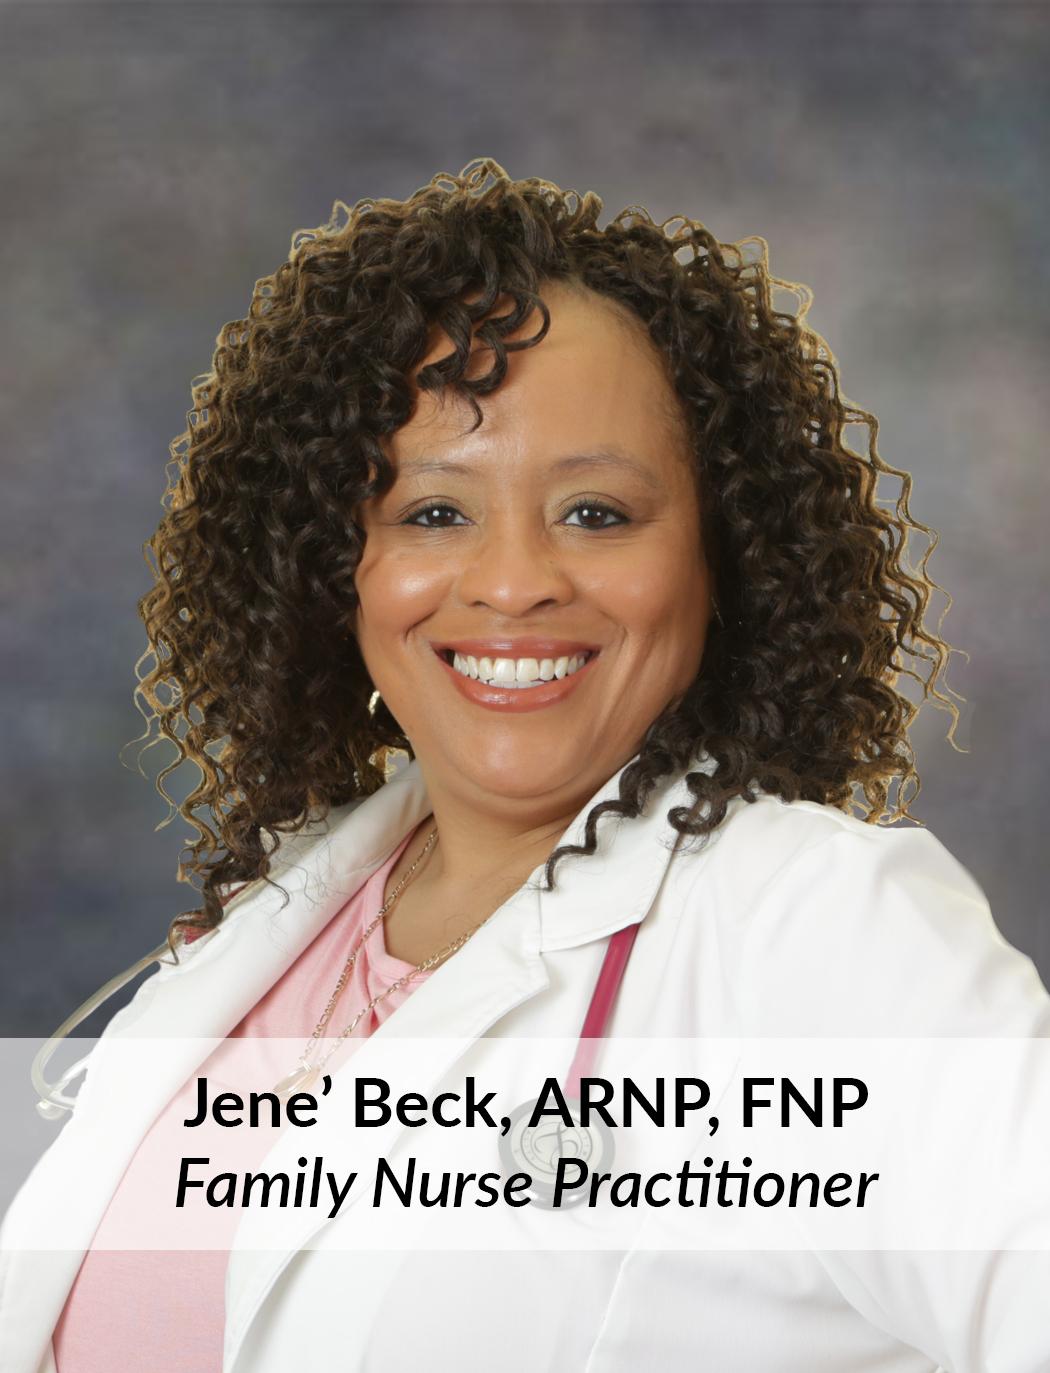 Jene' Beck ARNP FNP